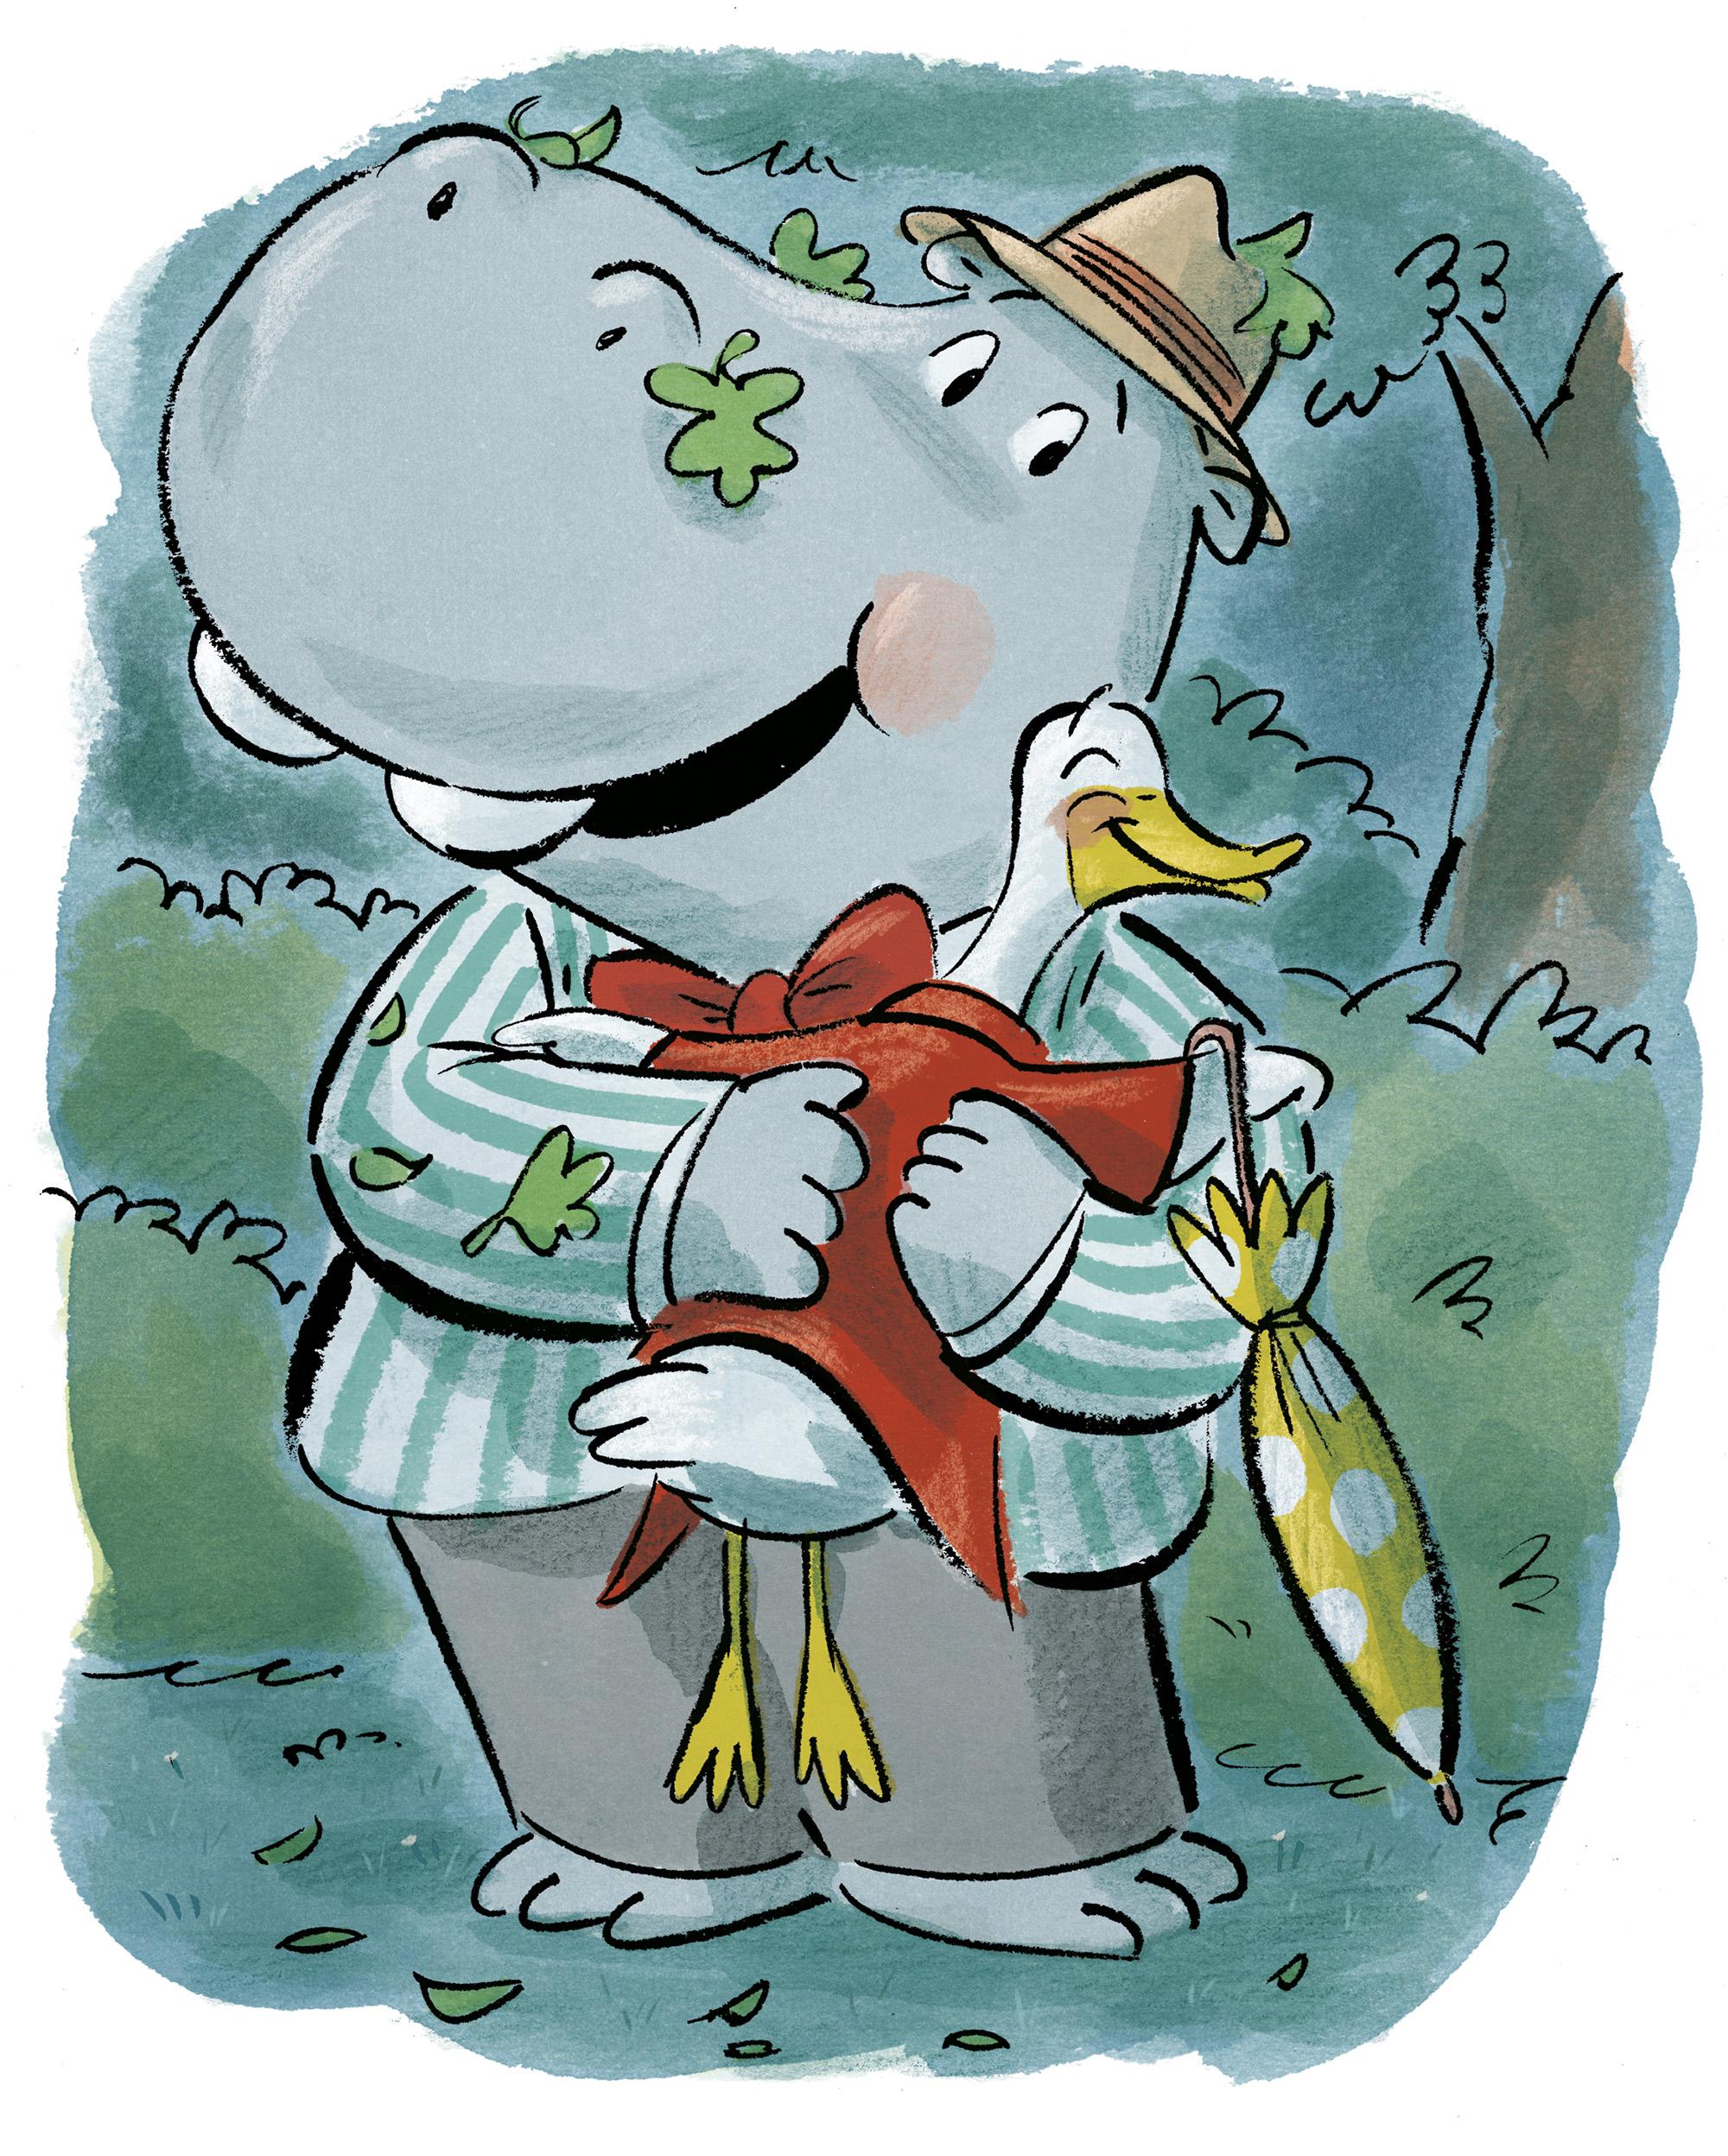 DuckandHippo-LostandFound_p26.jpg